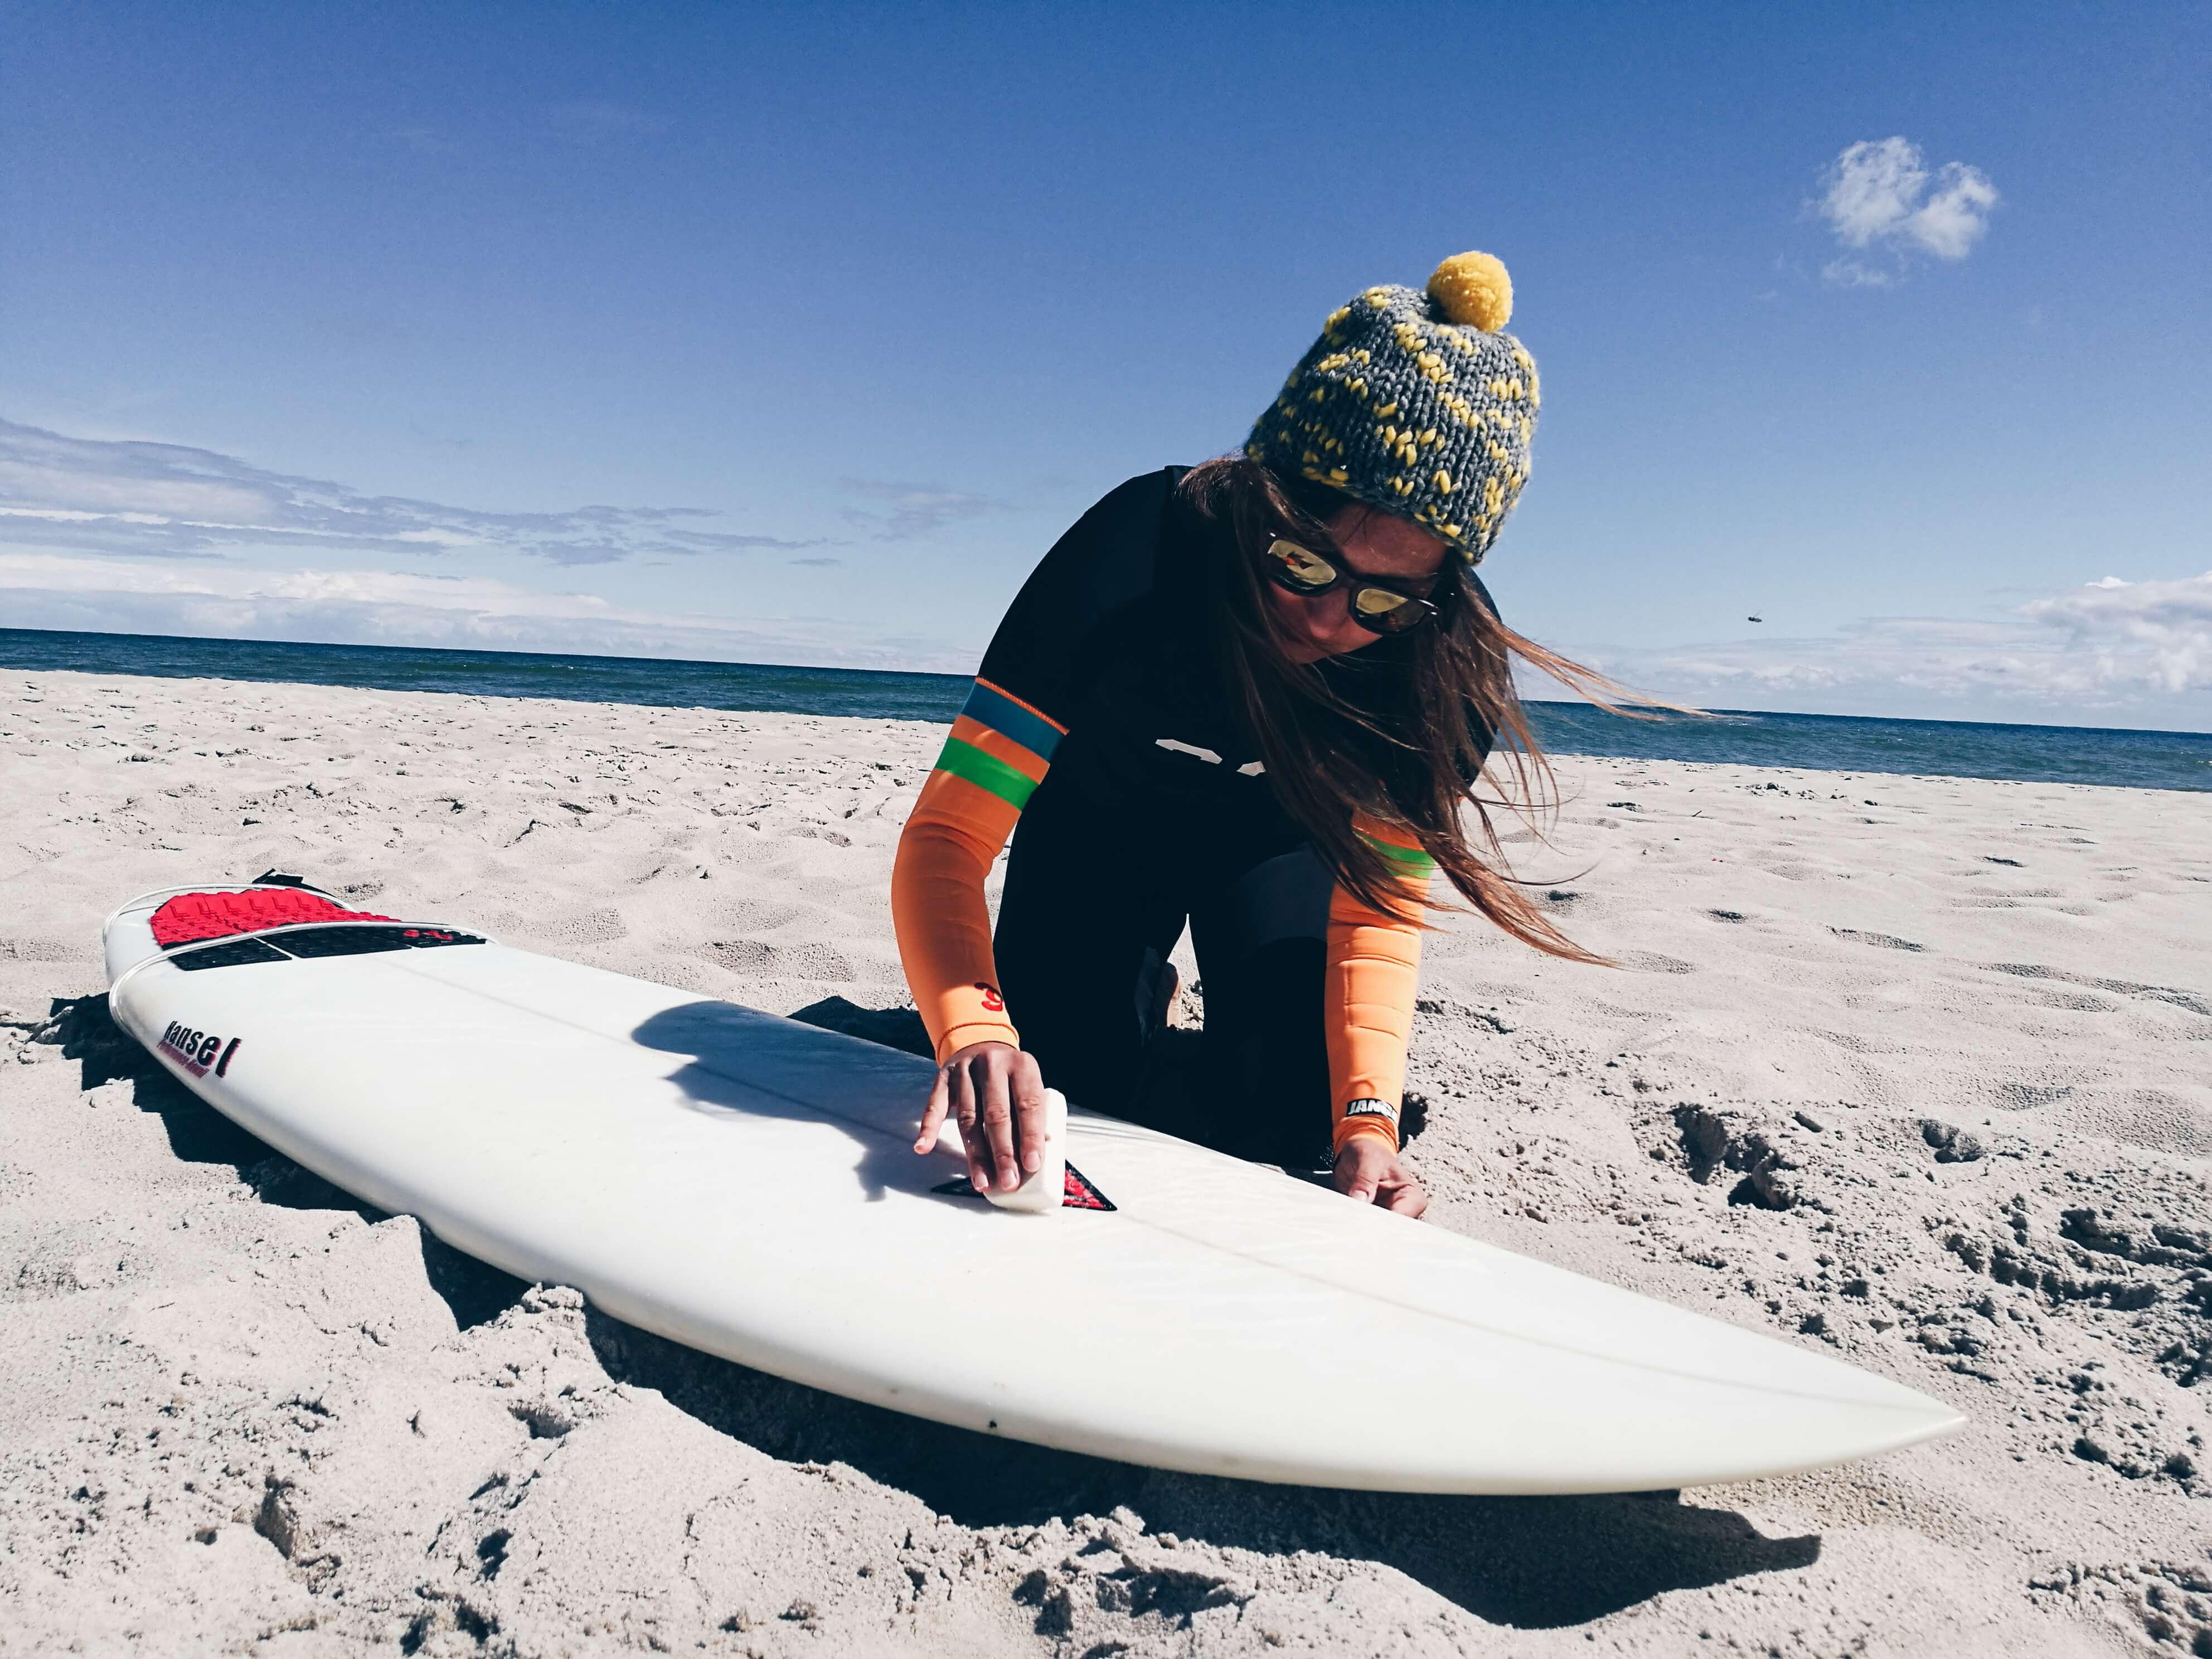 15 rzeczy, które musisz wiedzieć jeśli chcesz się nauczyć kitesurfingu